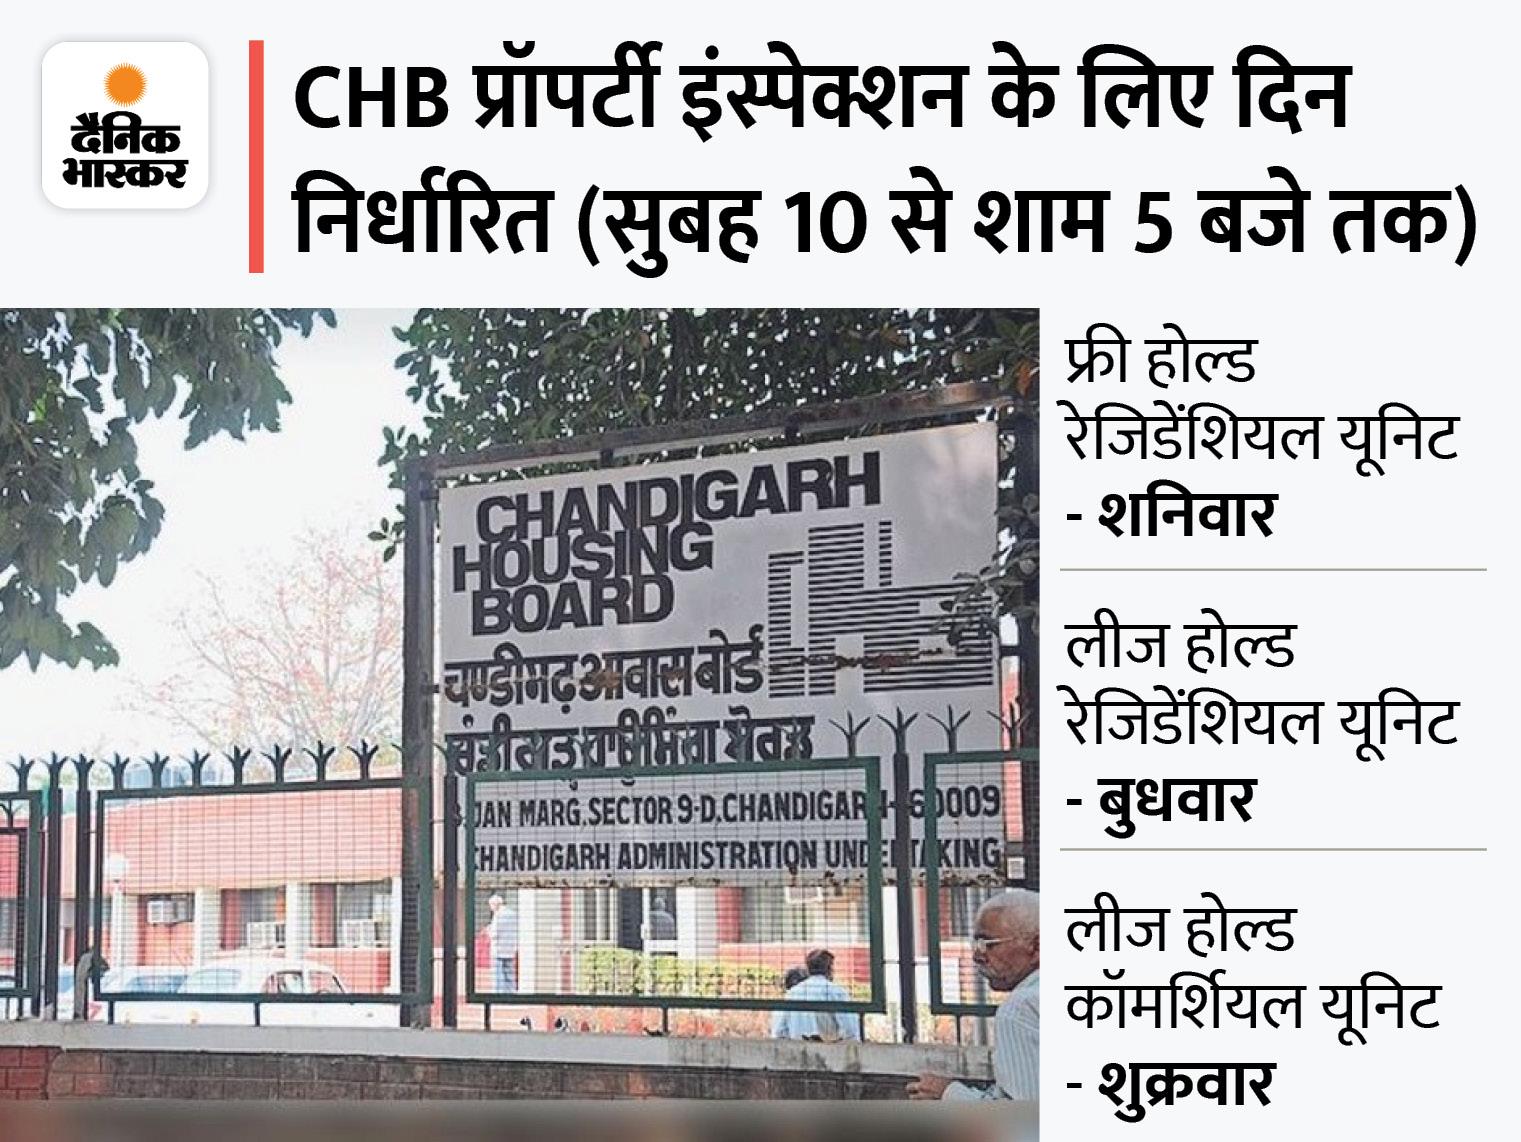 कॉमर्शियल प्रॉपर्टी के रिजर्व प्राइज में 20 से 50 फीसदी की कटौती, खरीदने वाले लोगों को प्रॉपर्टी देखने का भी मिलेगा मौका; CHB ने तय किया शेड्यूल|चंडीगढ़,Chandigarh - Dainik Bhaskar